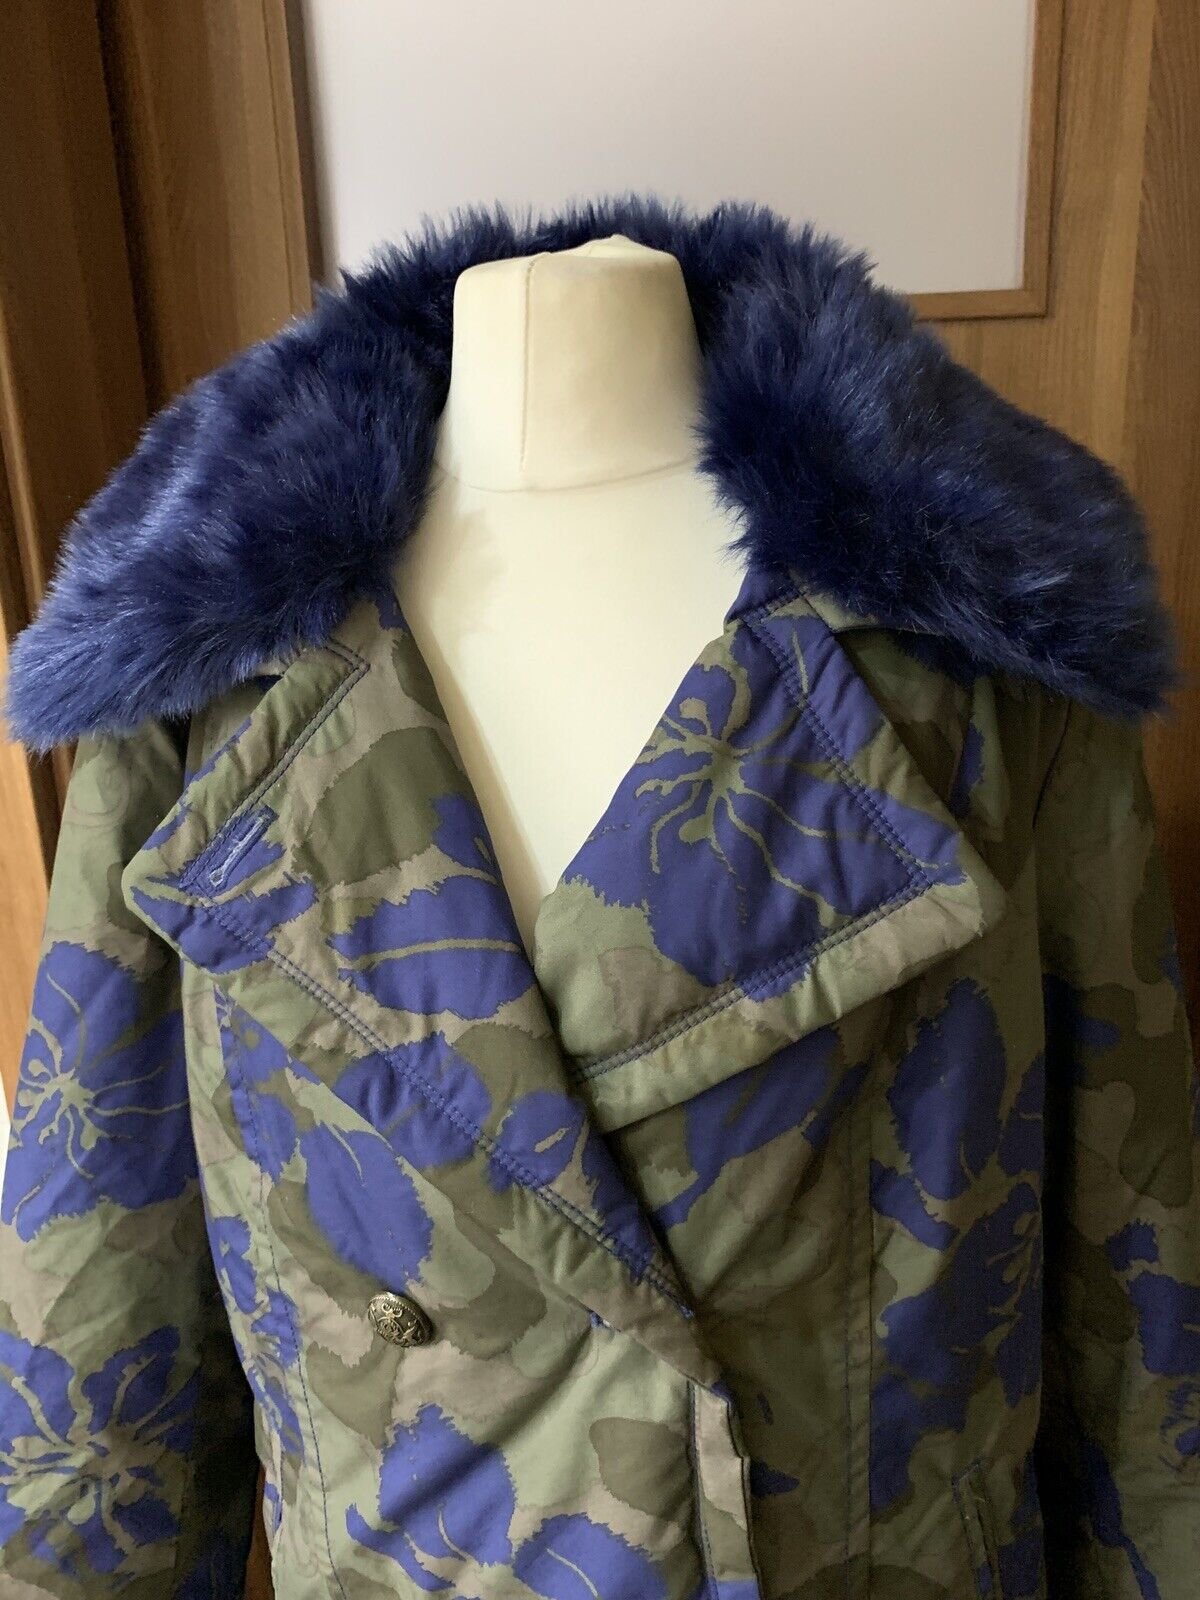 Bonprix Selection Premium Coat bluee bluee bluee Faux Fur Khaki Floral Camo Size fe0d19